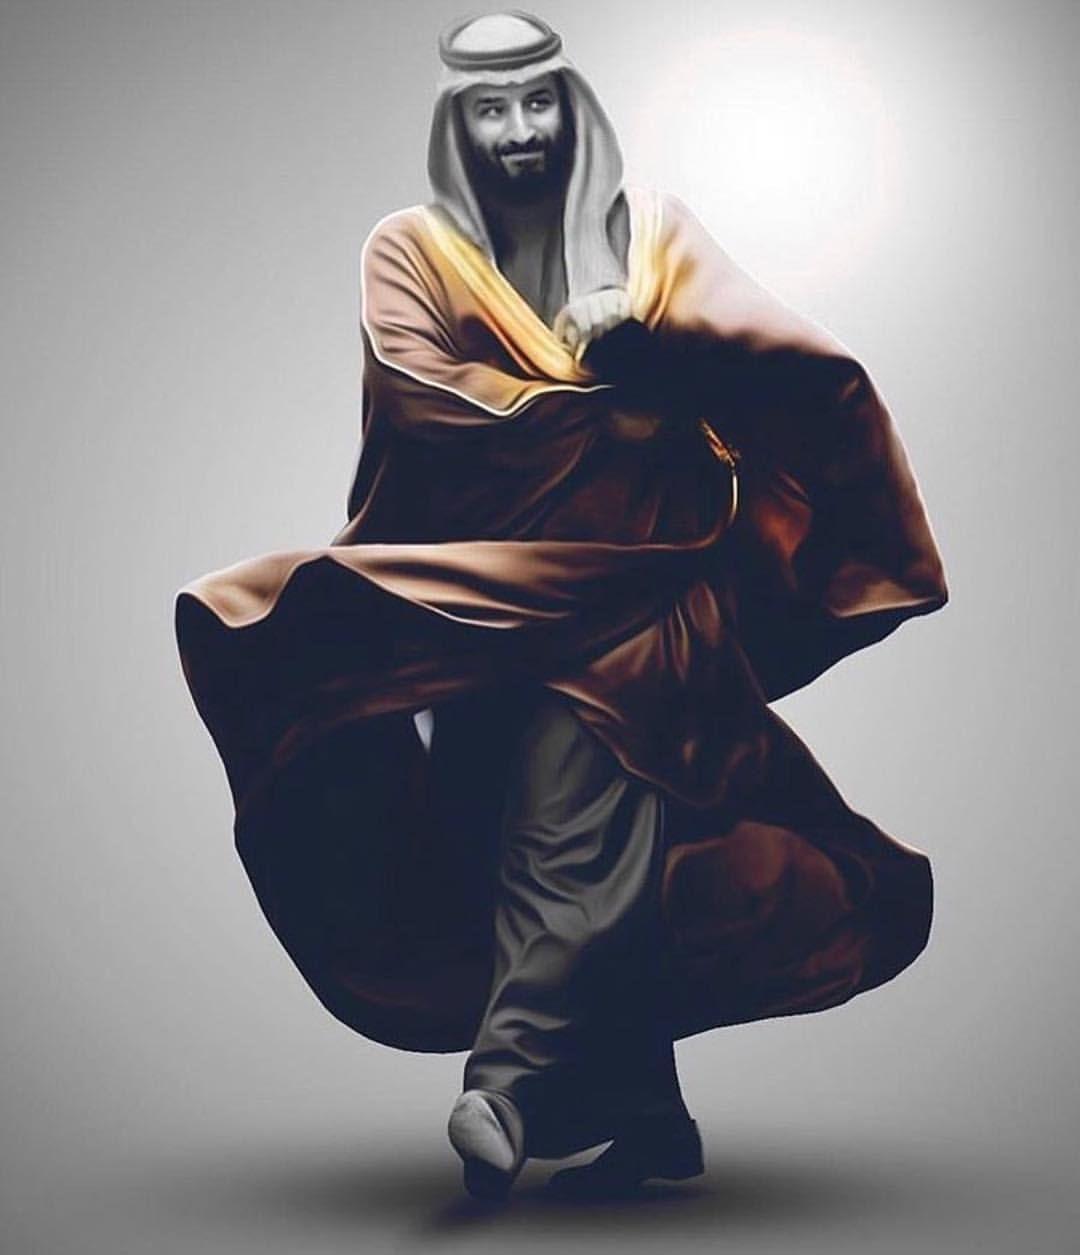 وجه السعد محمد بن سلمان السعودية Photography Inspiration Portrait Arabic Art Ksa Saudi Arabia